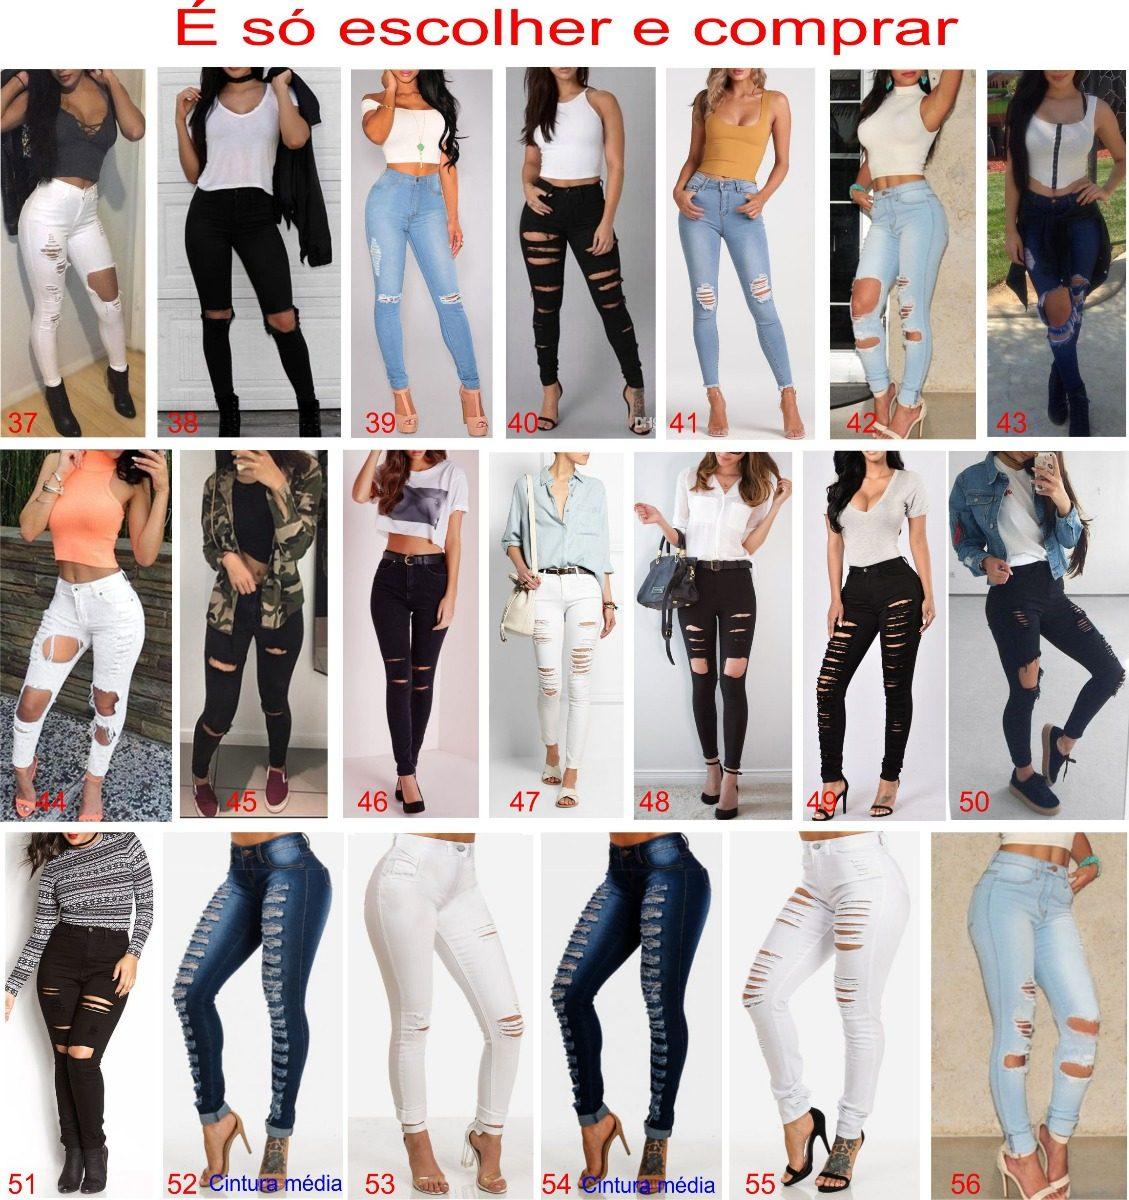 363a78c42 Carregando zoom... kit 2 calças jeans cintura alta roupa feminina rasgos  dins